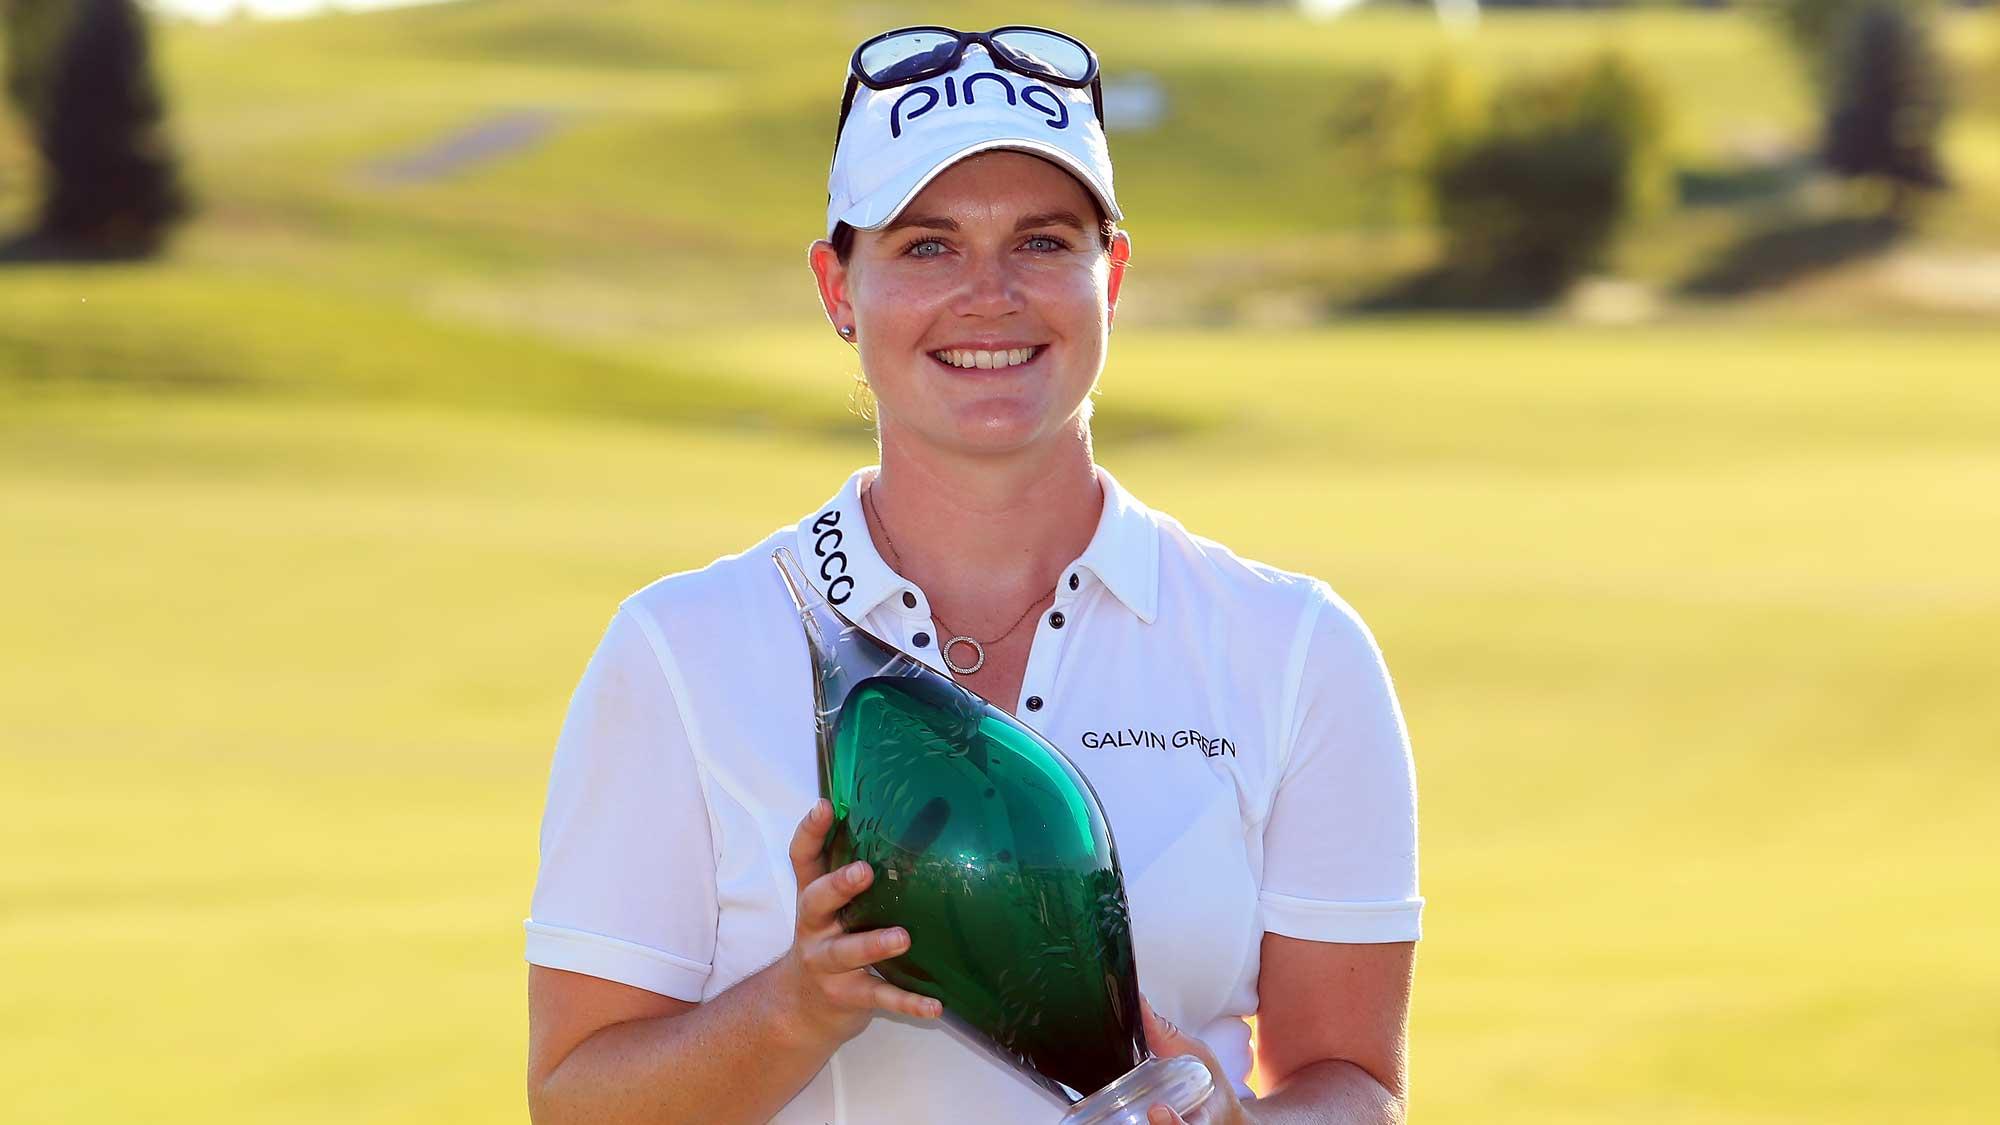 Caroline Masson, Caroline Masson – ihr erster Sieg auf der LPGA Tour, Golfsport.News, Golfsport.News